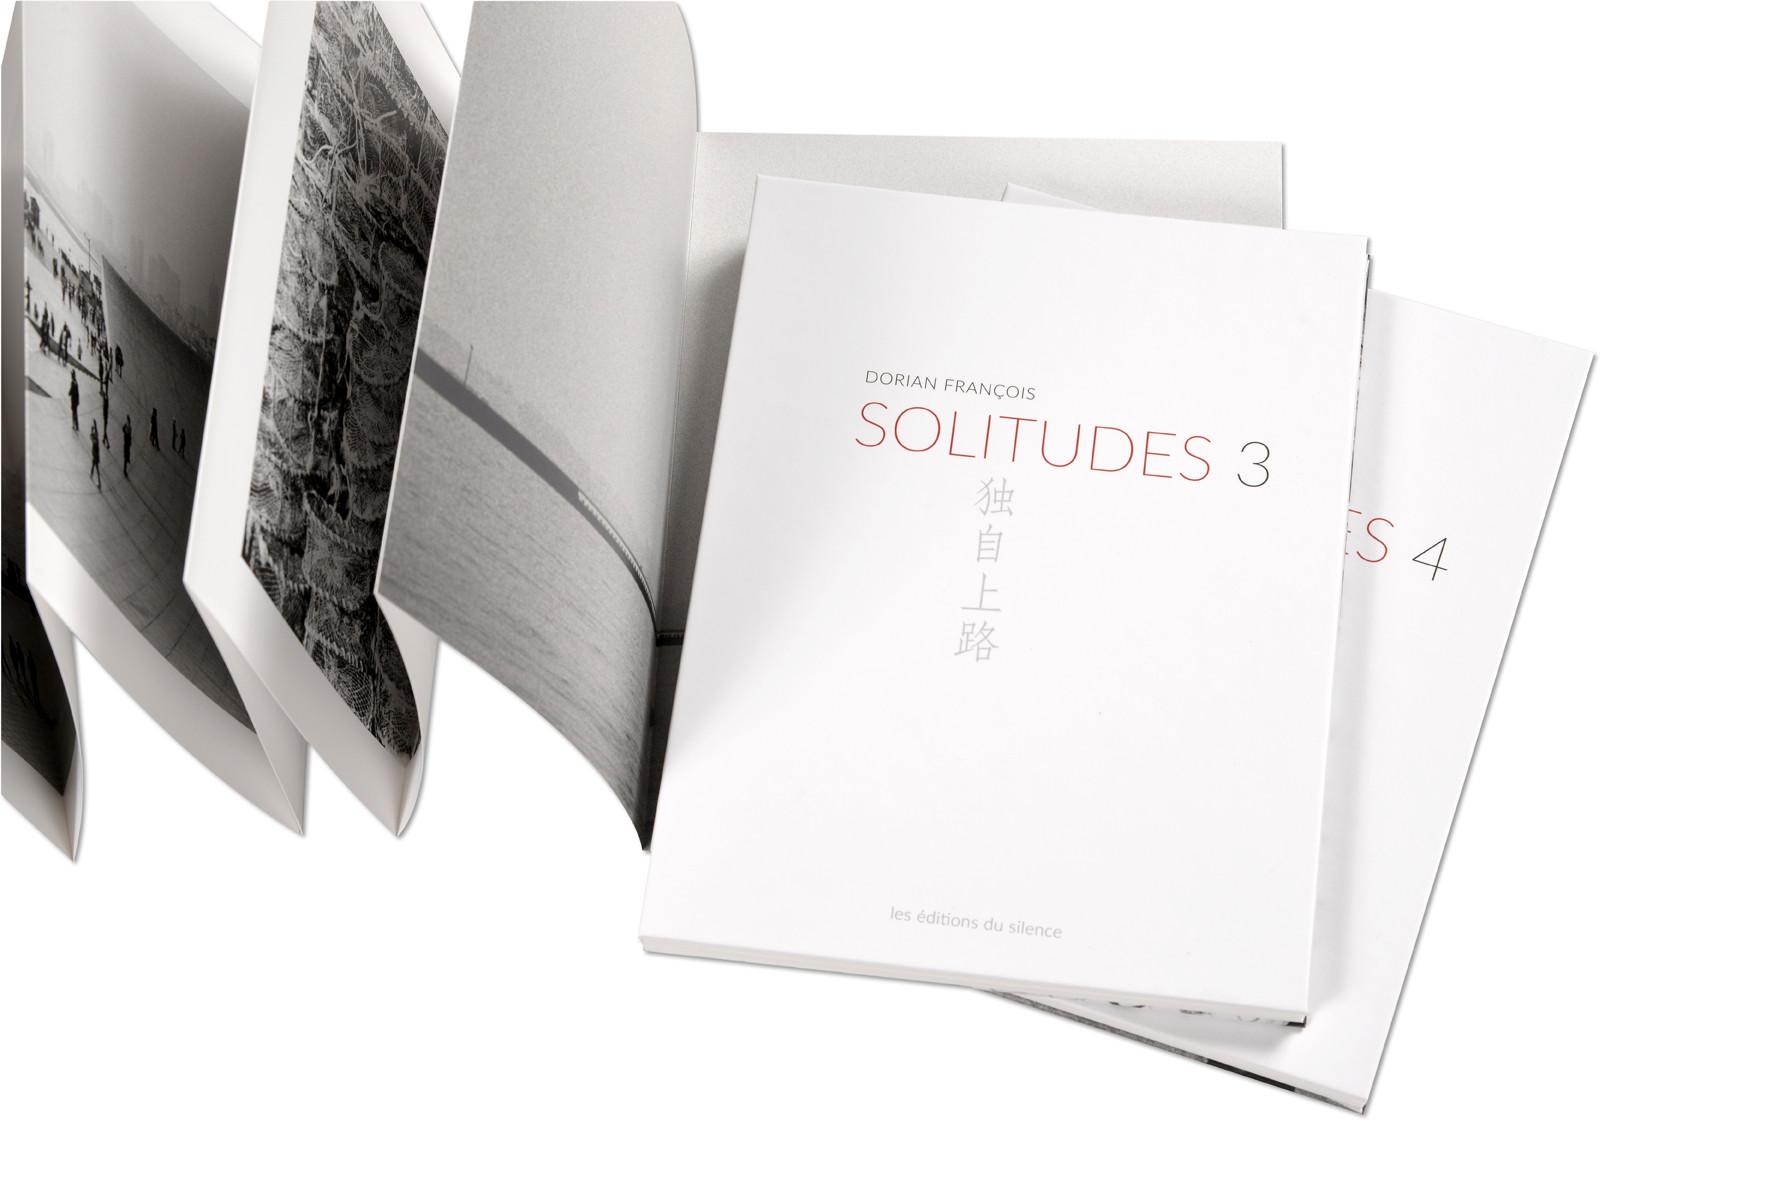 Solitudes, Dorian François, livres dépliants Leporello